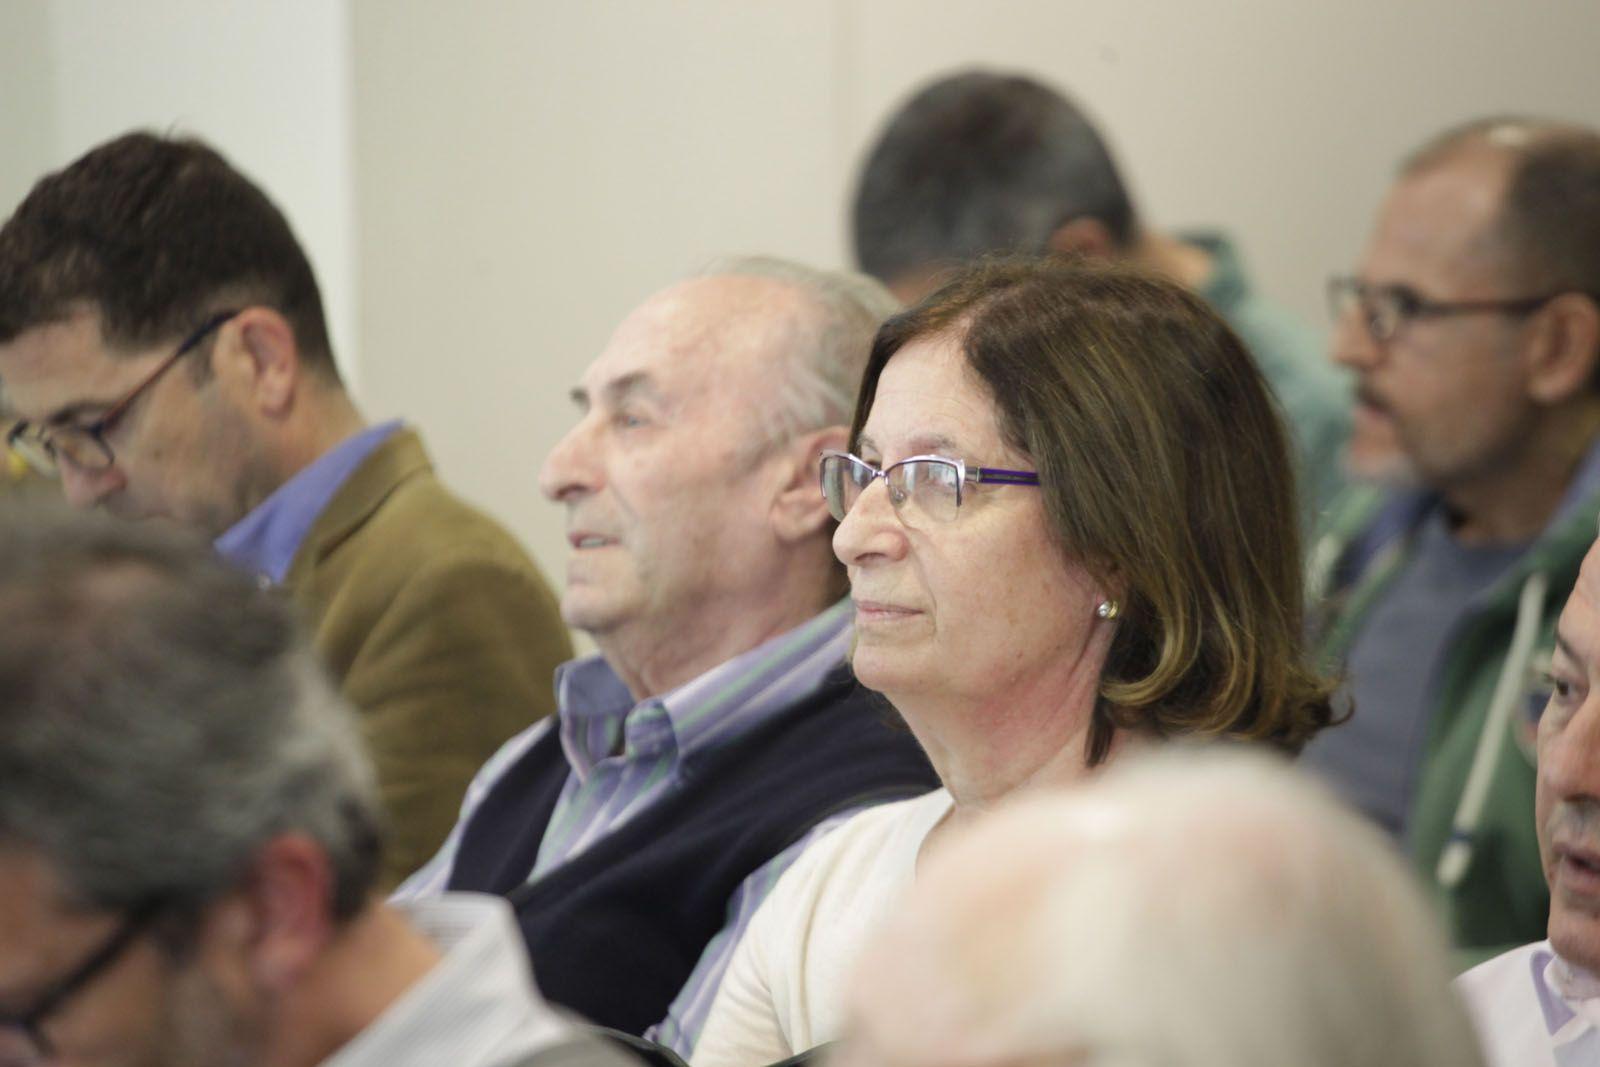 Representants del Centro Castellano Manchego. FOTO: Artur Ribera